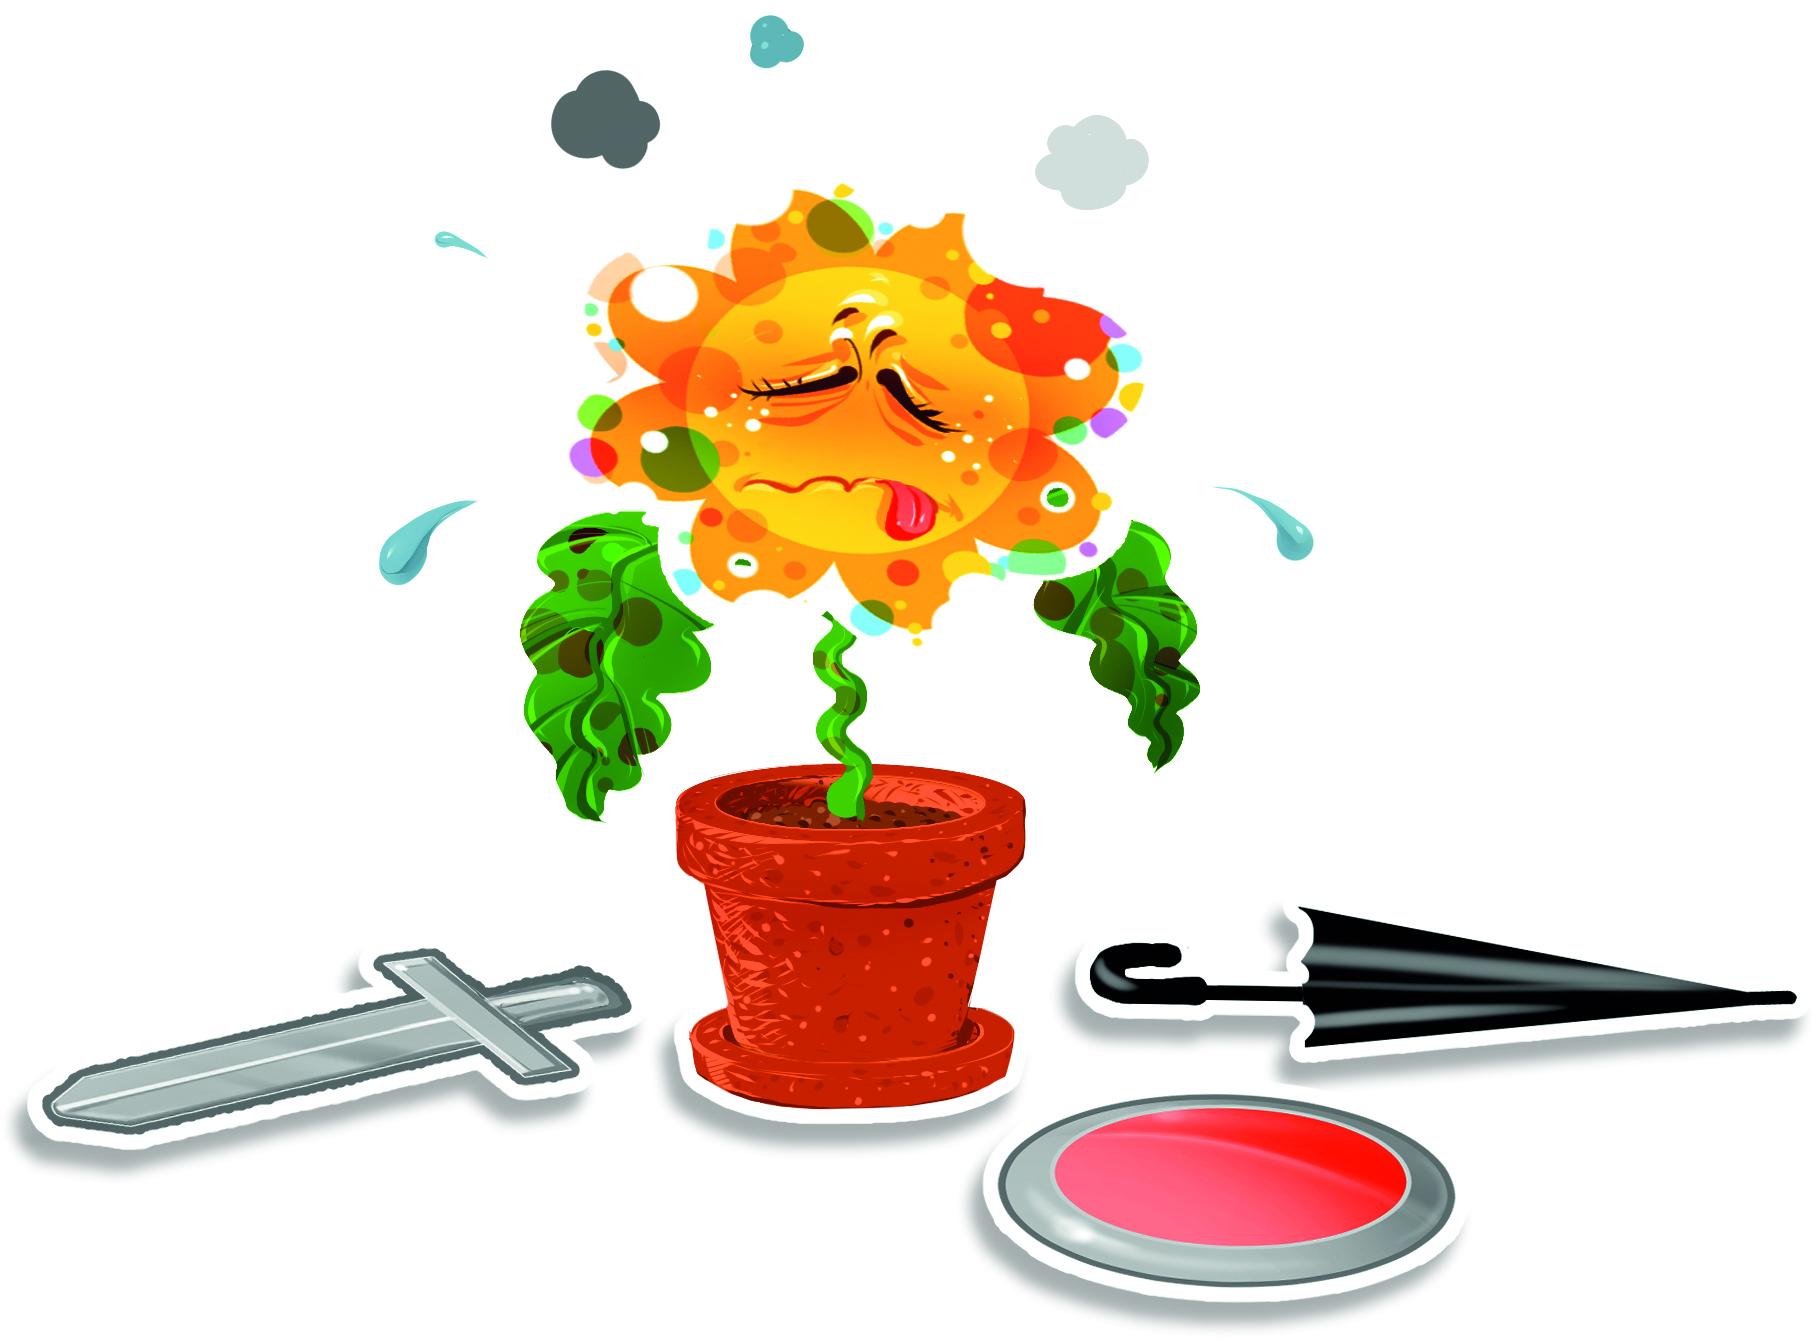 Jedoch in der modernen Landwirtschaft mit Monokulturen, durch chemische Spritzungen, aber auch durch negative Umwelteinflüsse sind die  Abwehrmechanismen vielfach überfordert und die Pflanze erkrankt.